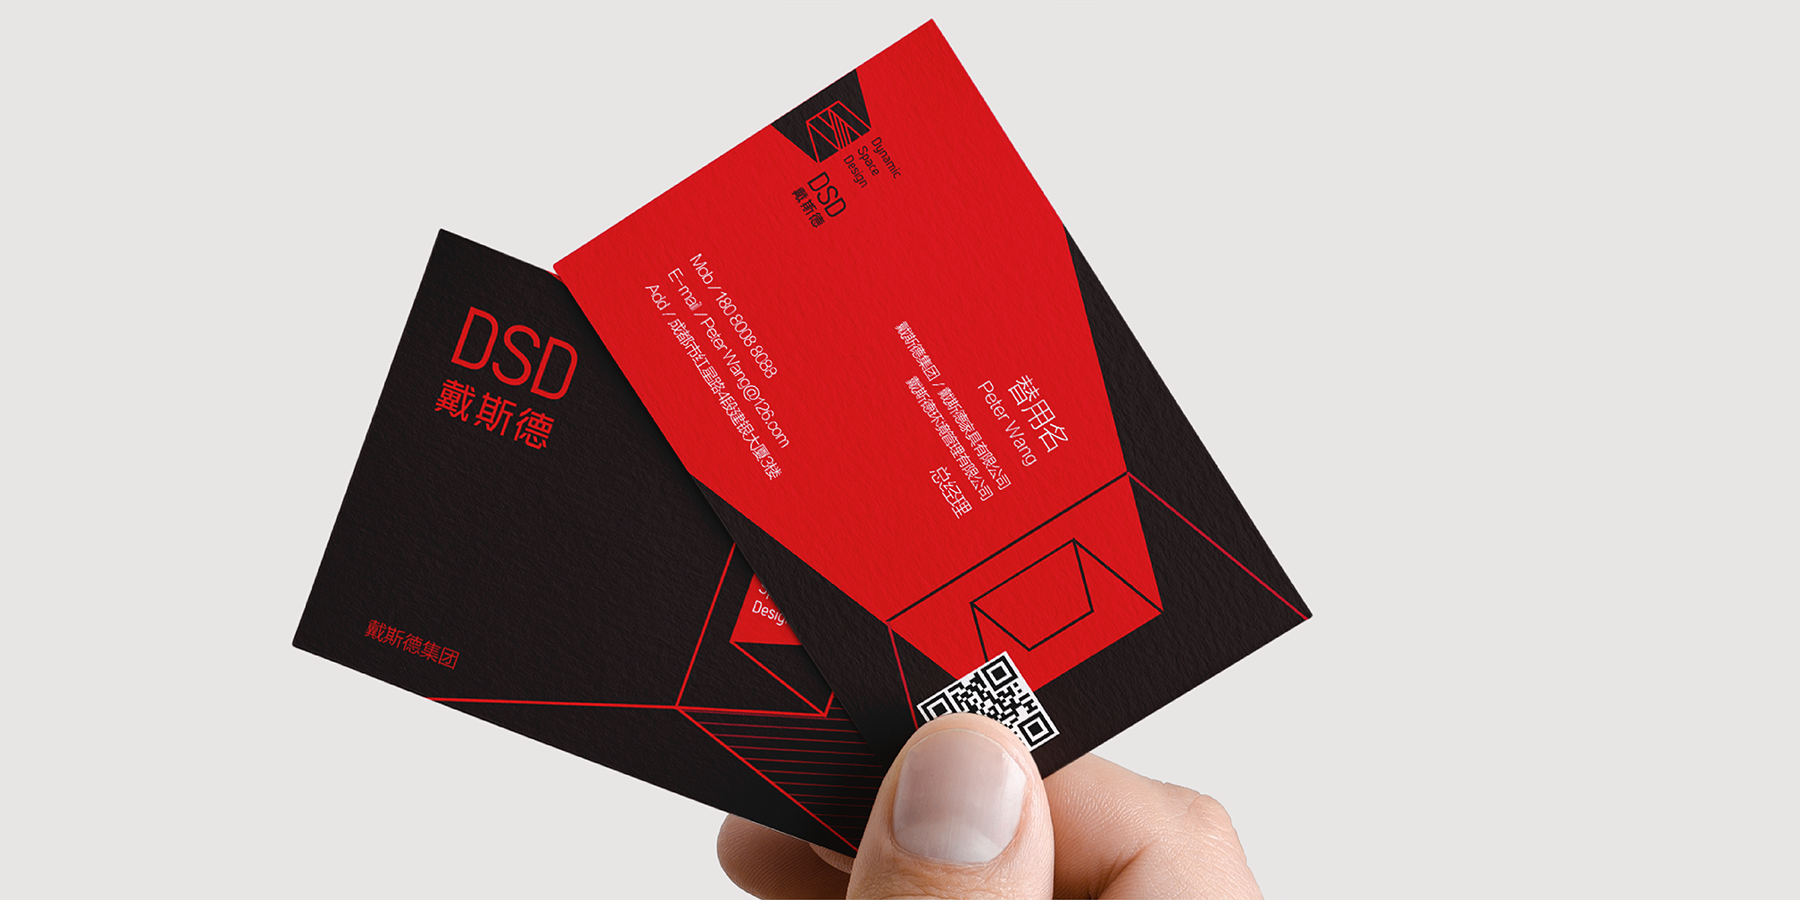 品牌设计-物料设计-VI设计-戴斯德-与山品牌